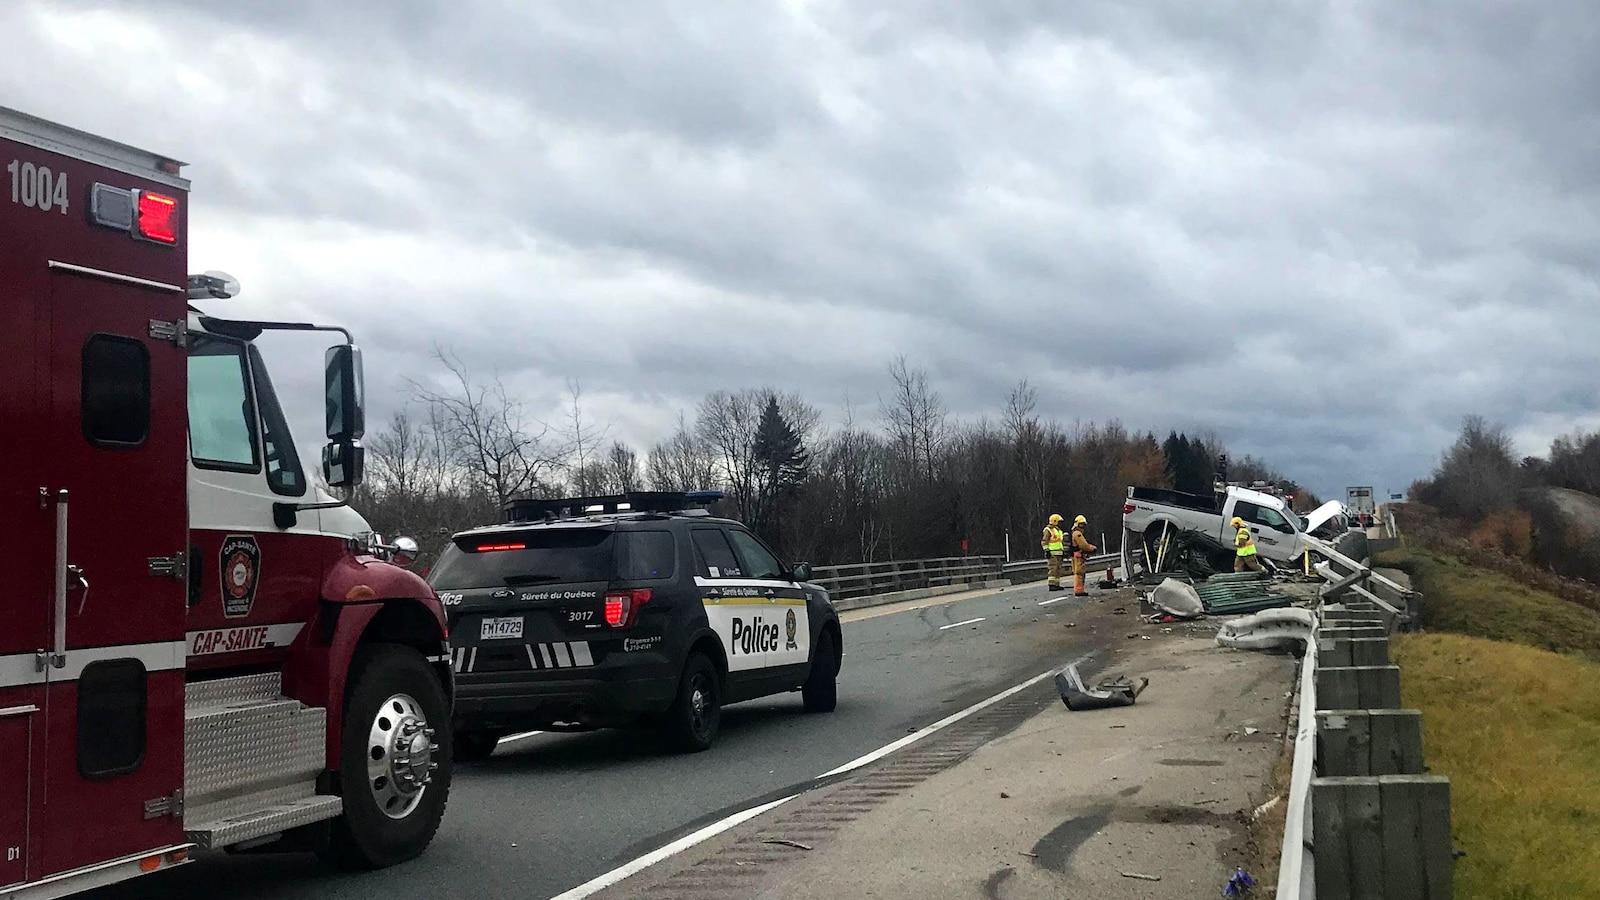 Photo de la scène d'accident. On aperçoit une camionnette blanche accidentée. Un véhicule utilitaire sport de la Sûreté du Québec et un camion de pompier.